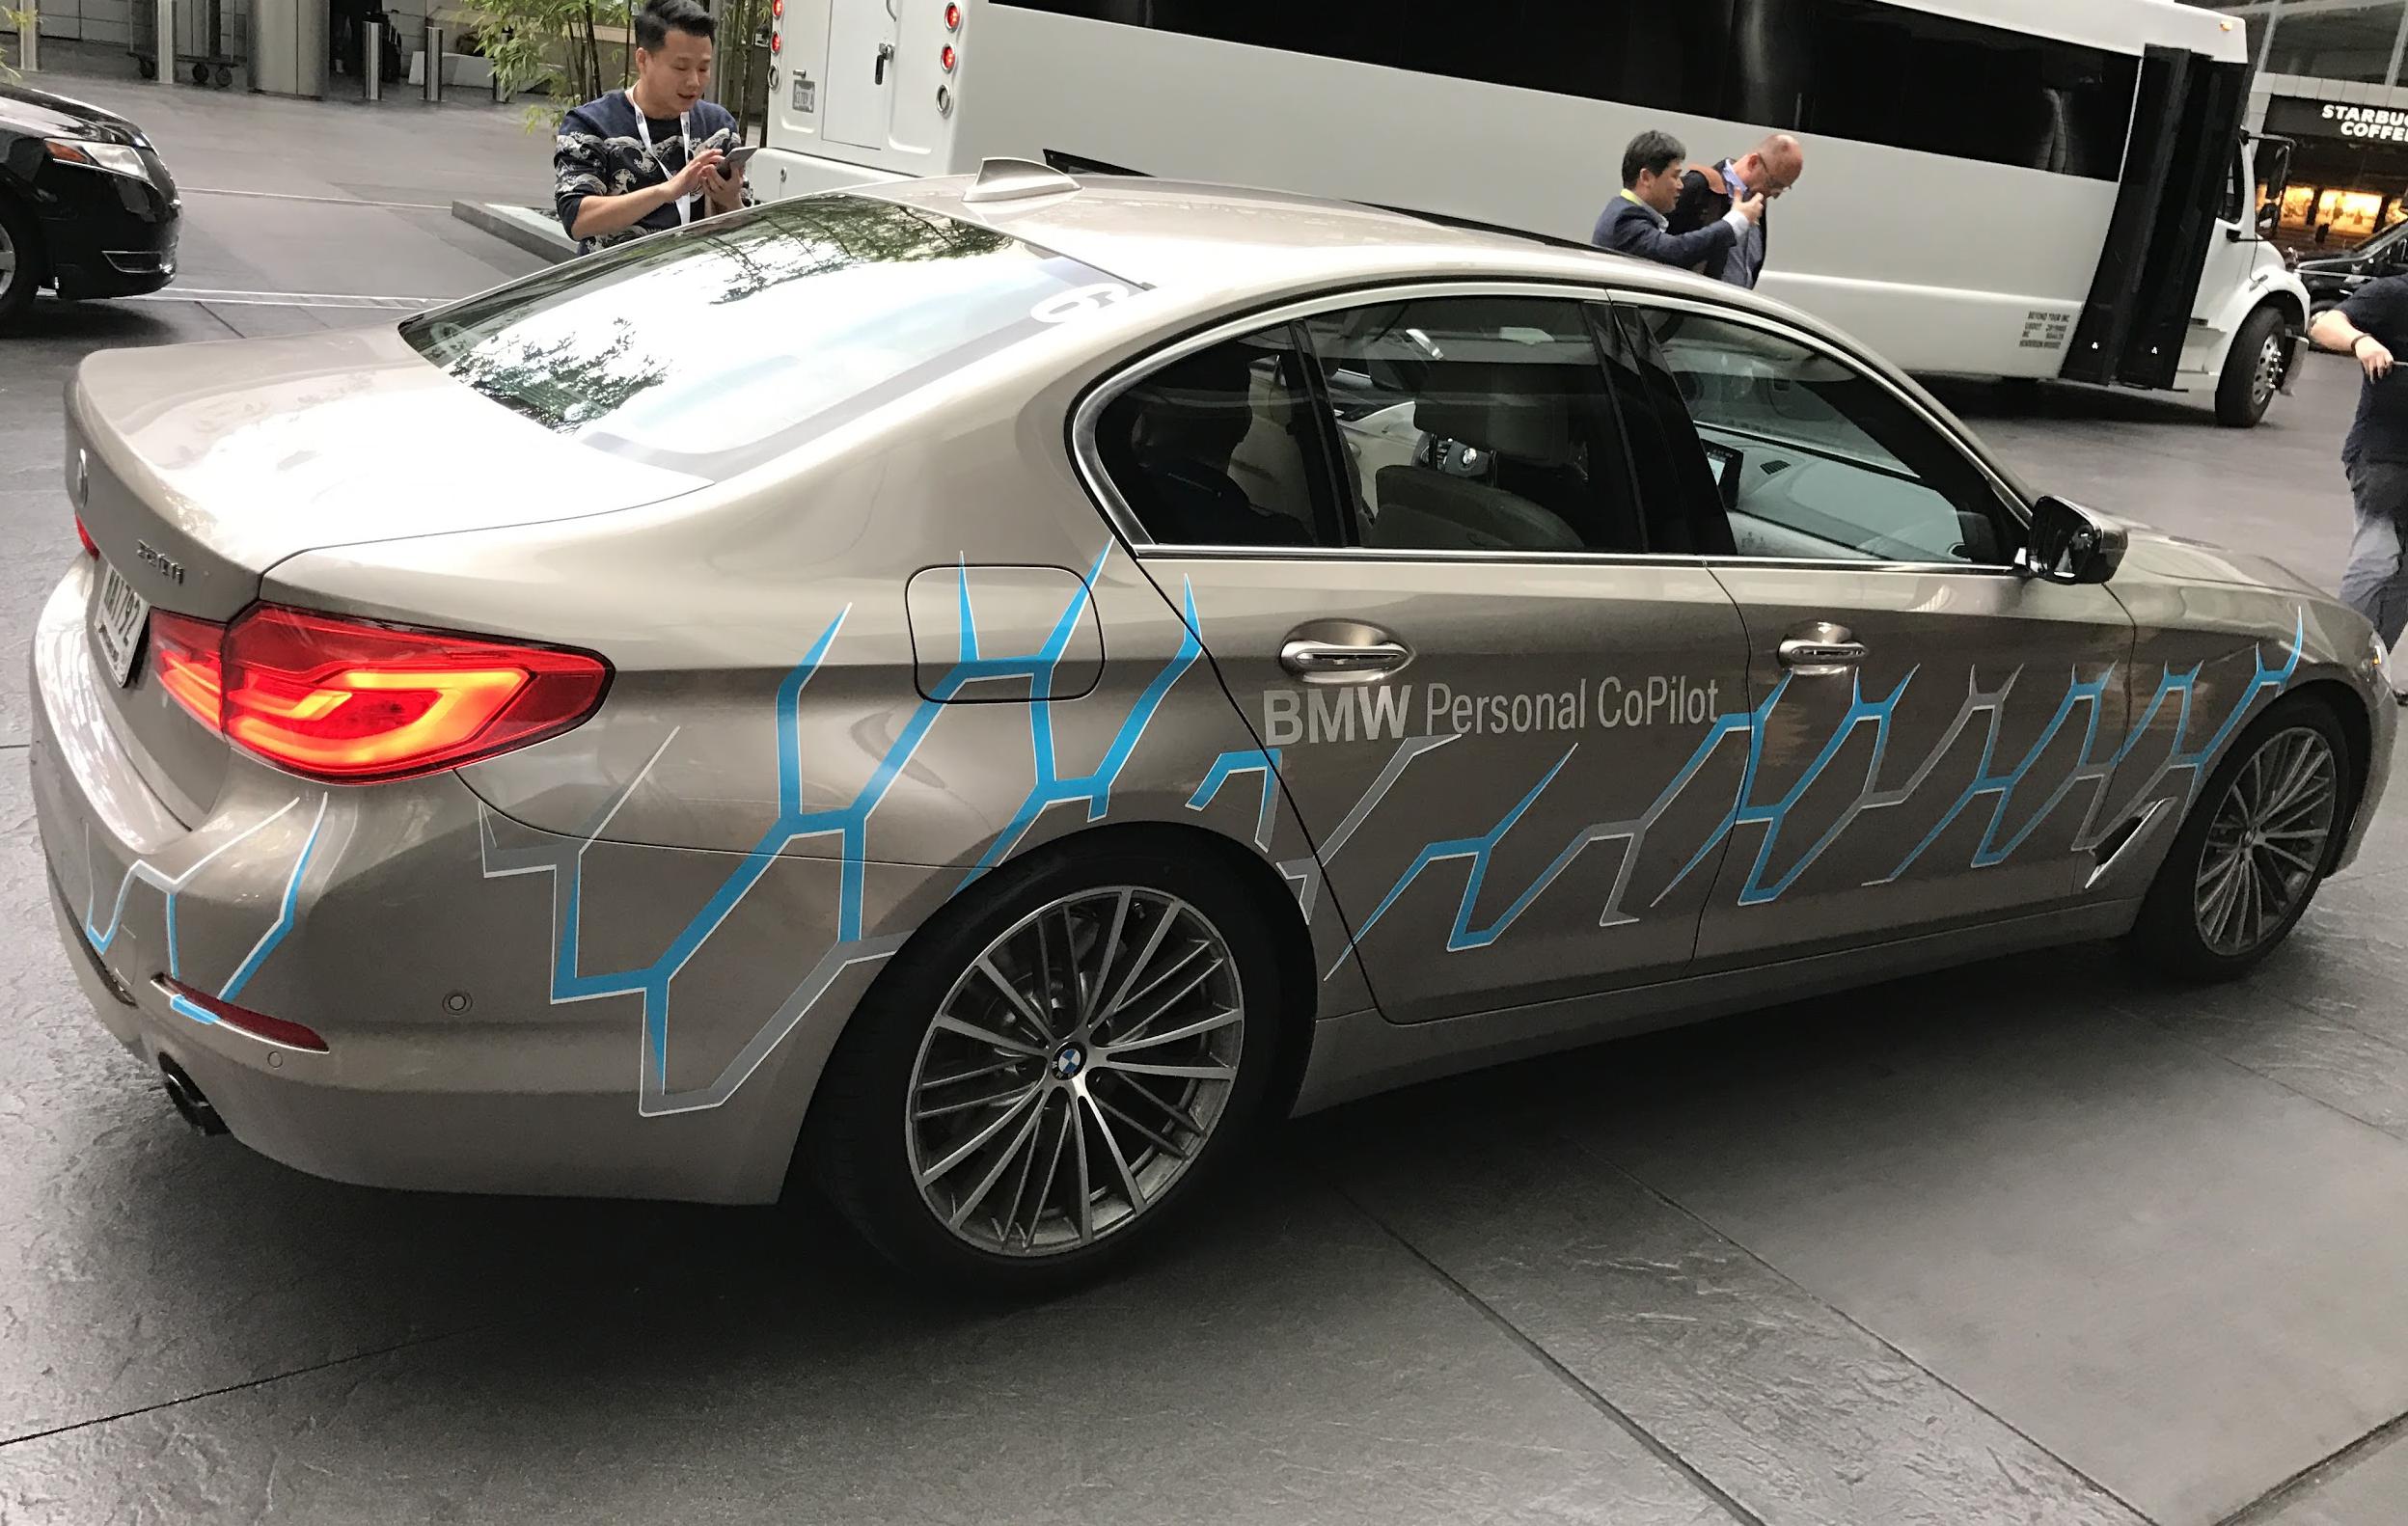 Voici comment la voiture autonome de BMW se conduira – Autofocus.ca